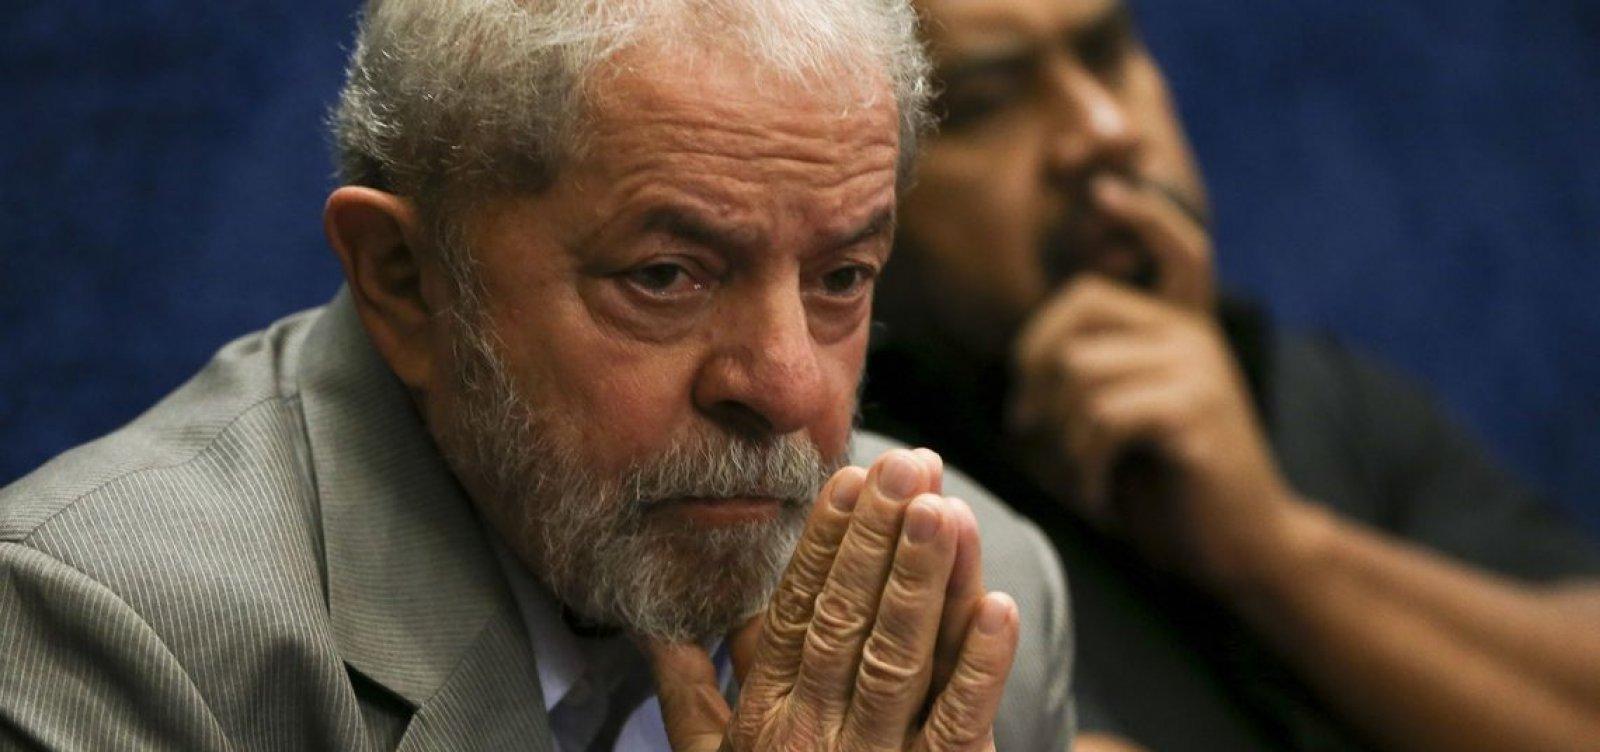 STJ aceita pedido de Lula e suspende julgamento sobre sítio de Atibaia no TRF-4